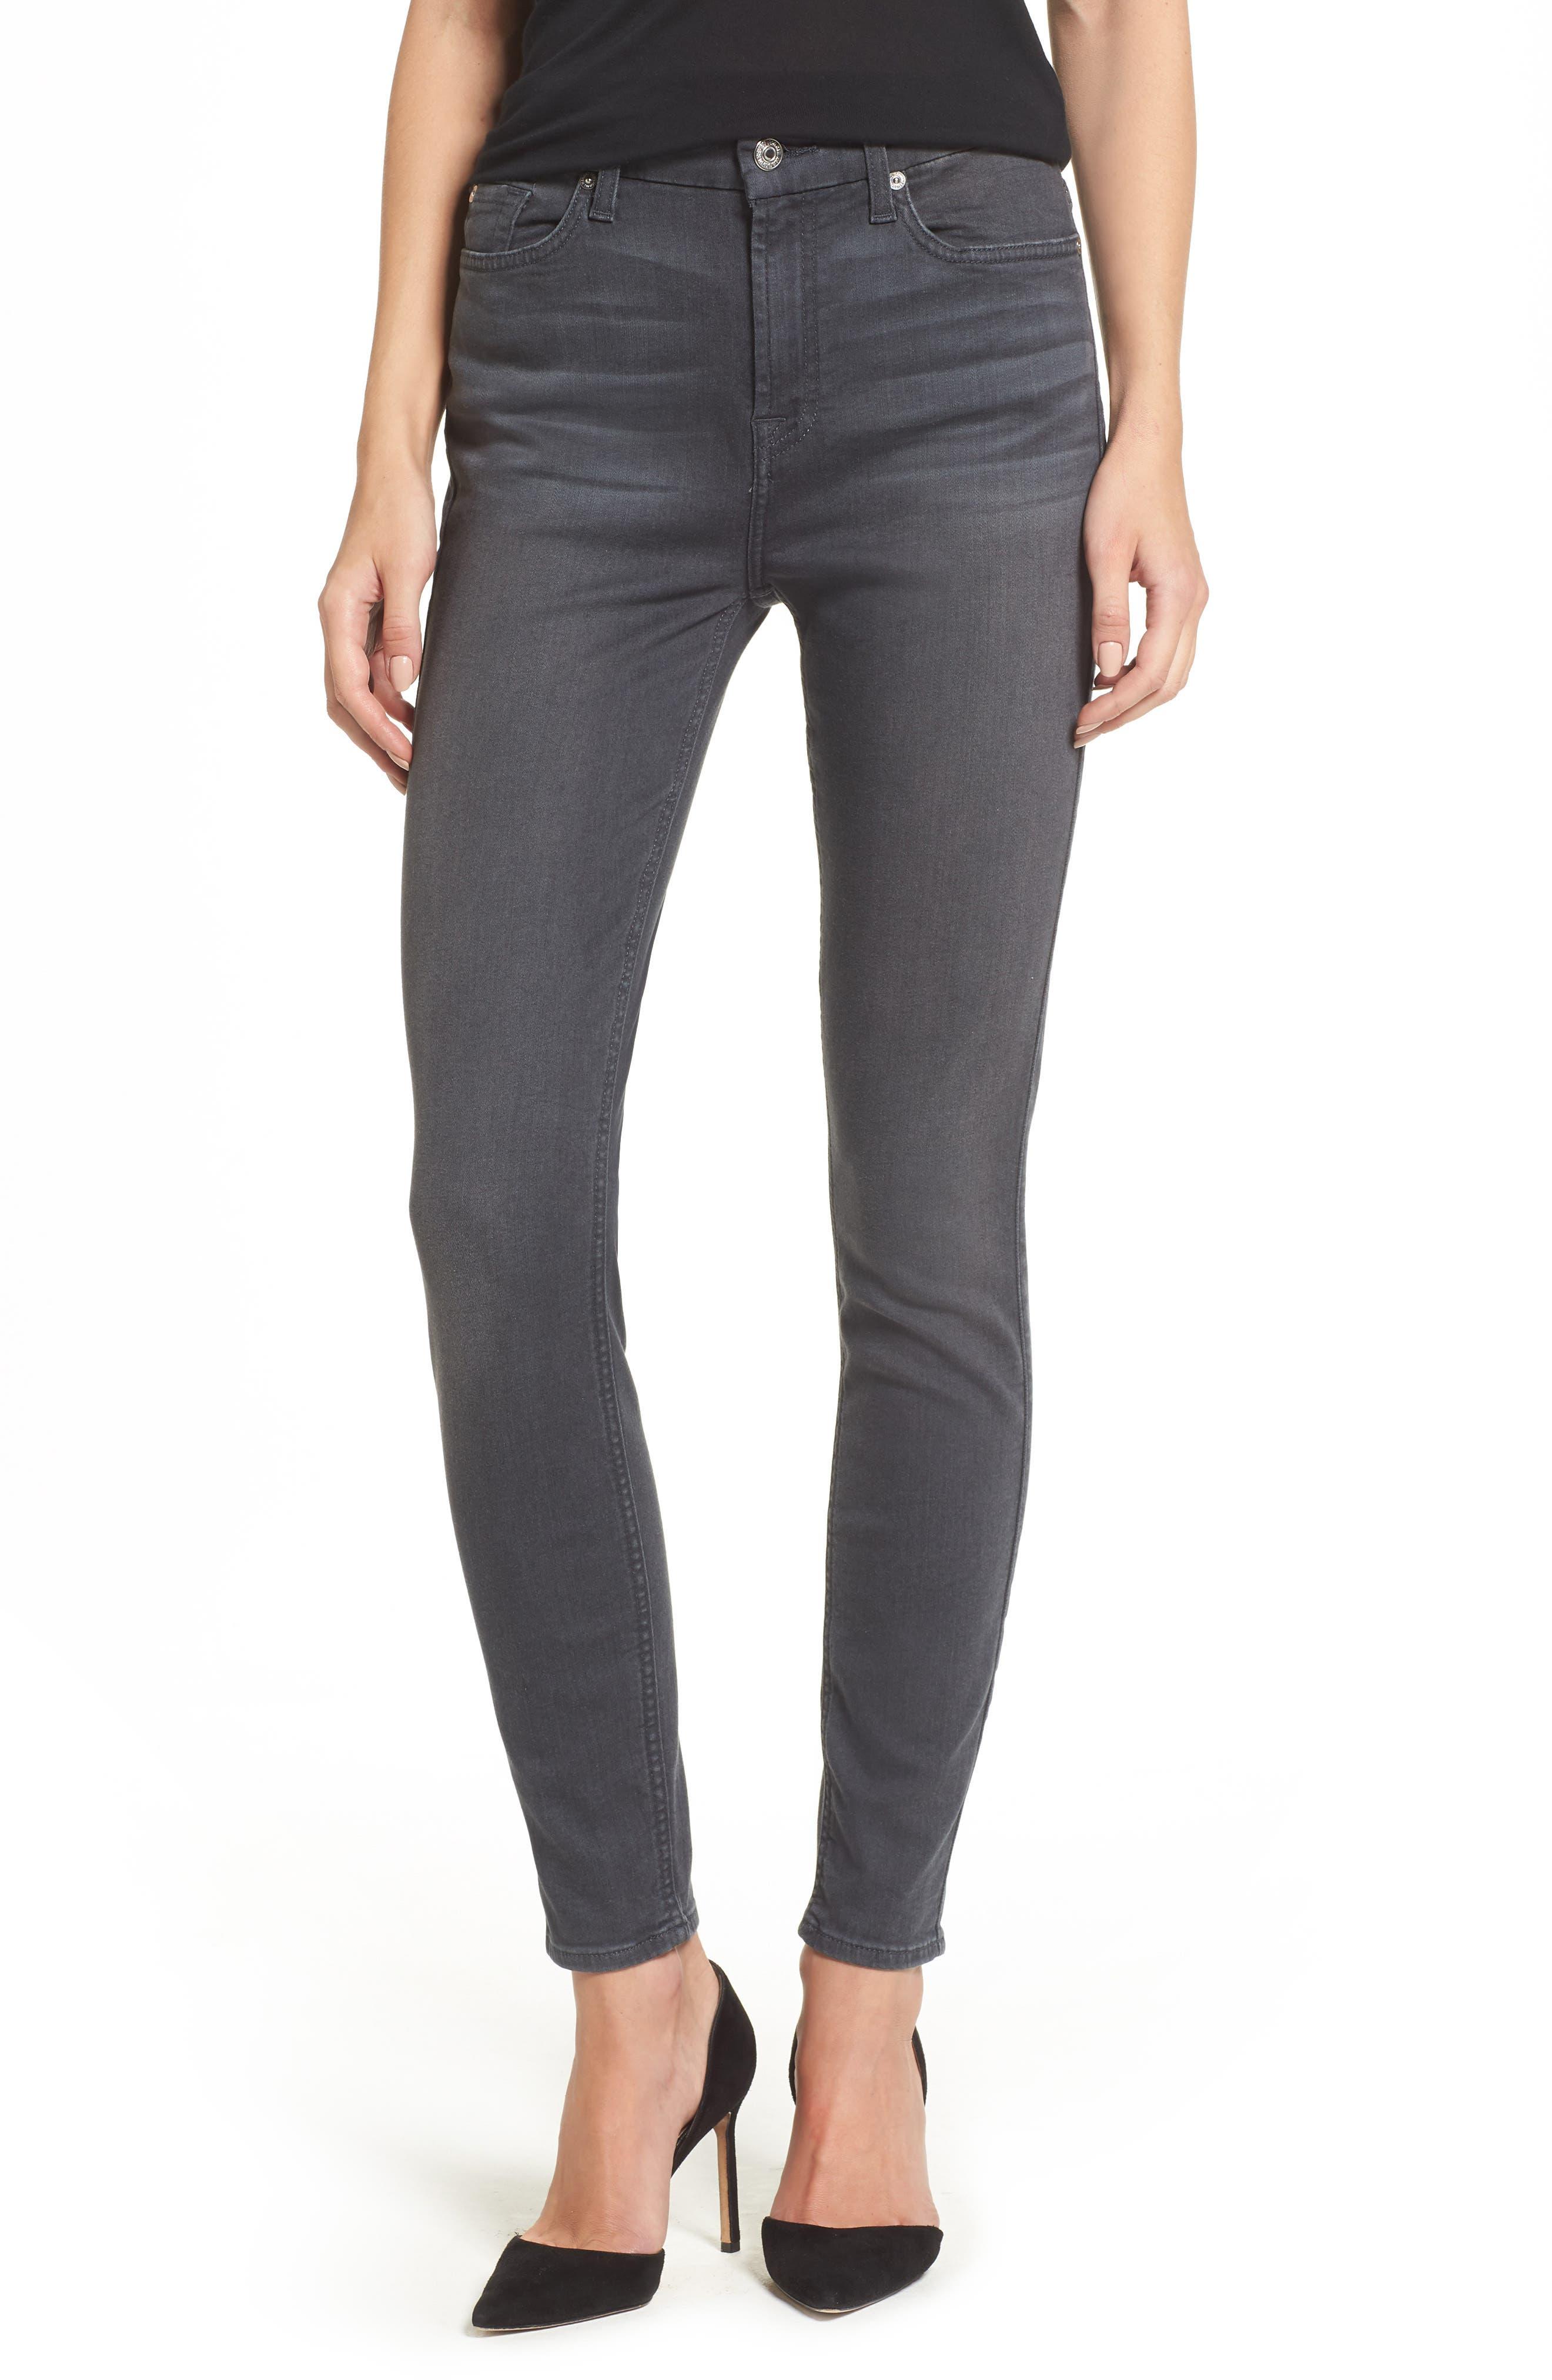 b(air) High Waist Skinny Jeans,                             Main thumbnail 1, color,                             B(Air) Smoke